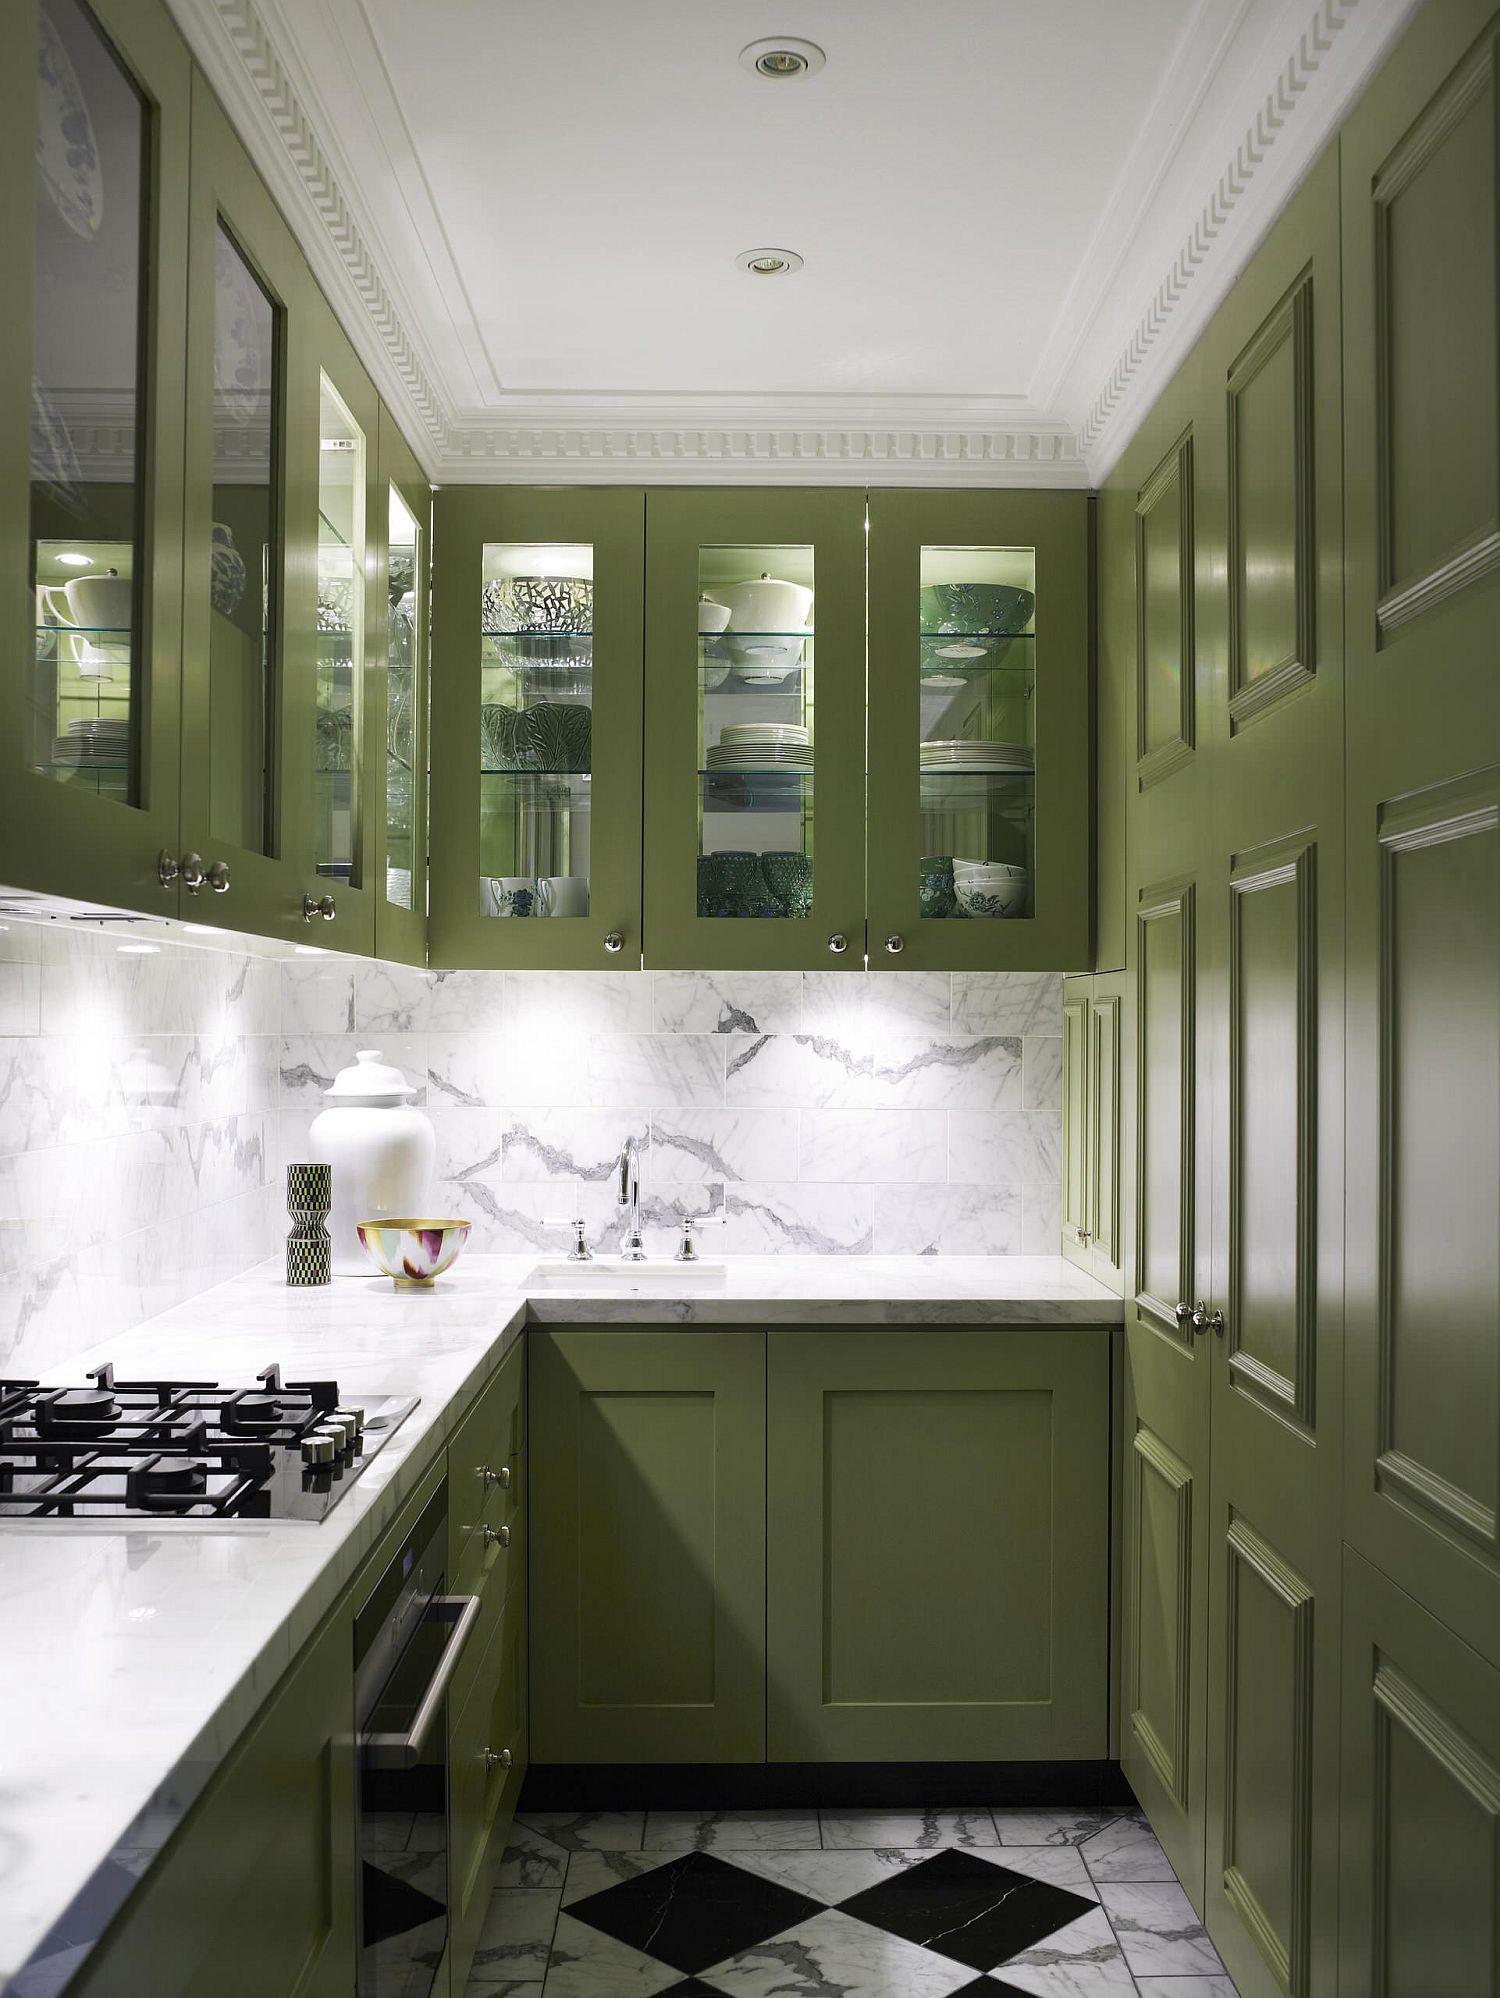 Những gam xanh tối màu tuyệt đẹp cho căn bếp hiện đại: Sạch, nổi bật và sang trọng khi kết hợp khéo léo với gam màu trắng và ánh sáng đèn trang trí - Ảnh 8